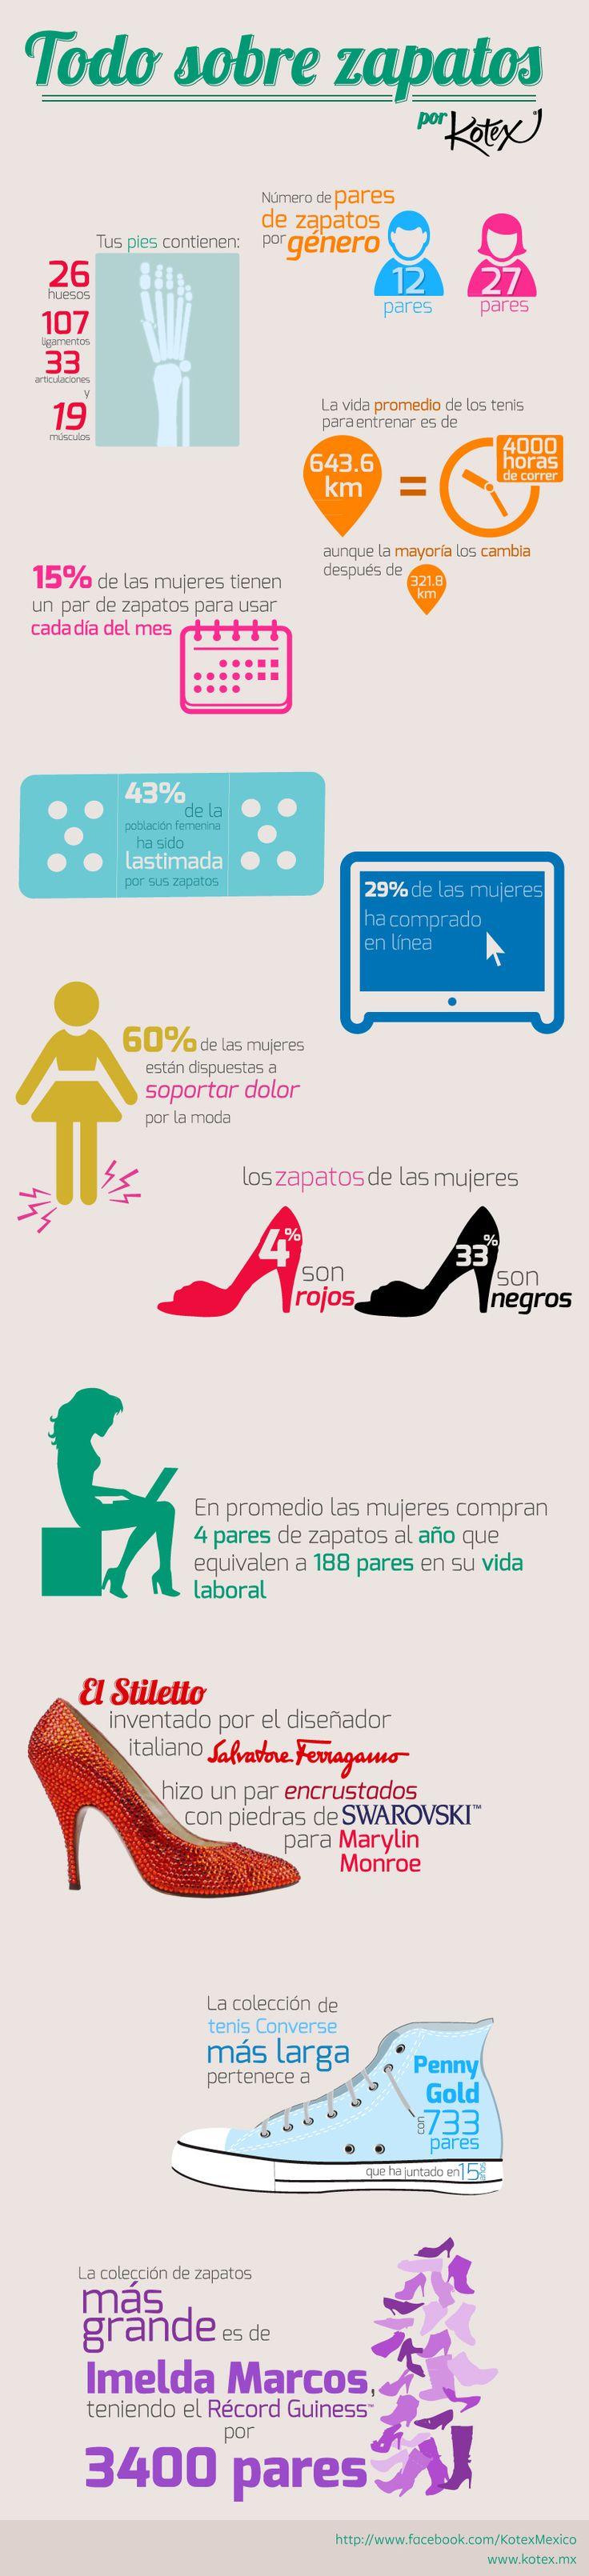 Todo lo que necesitas saber acerca de los zapatos en una sola infografía.     #infografia #cool #shoes #zapatos #moda #fashion